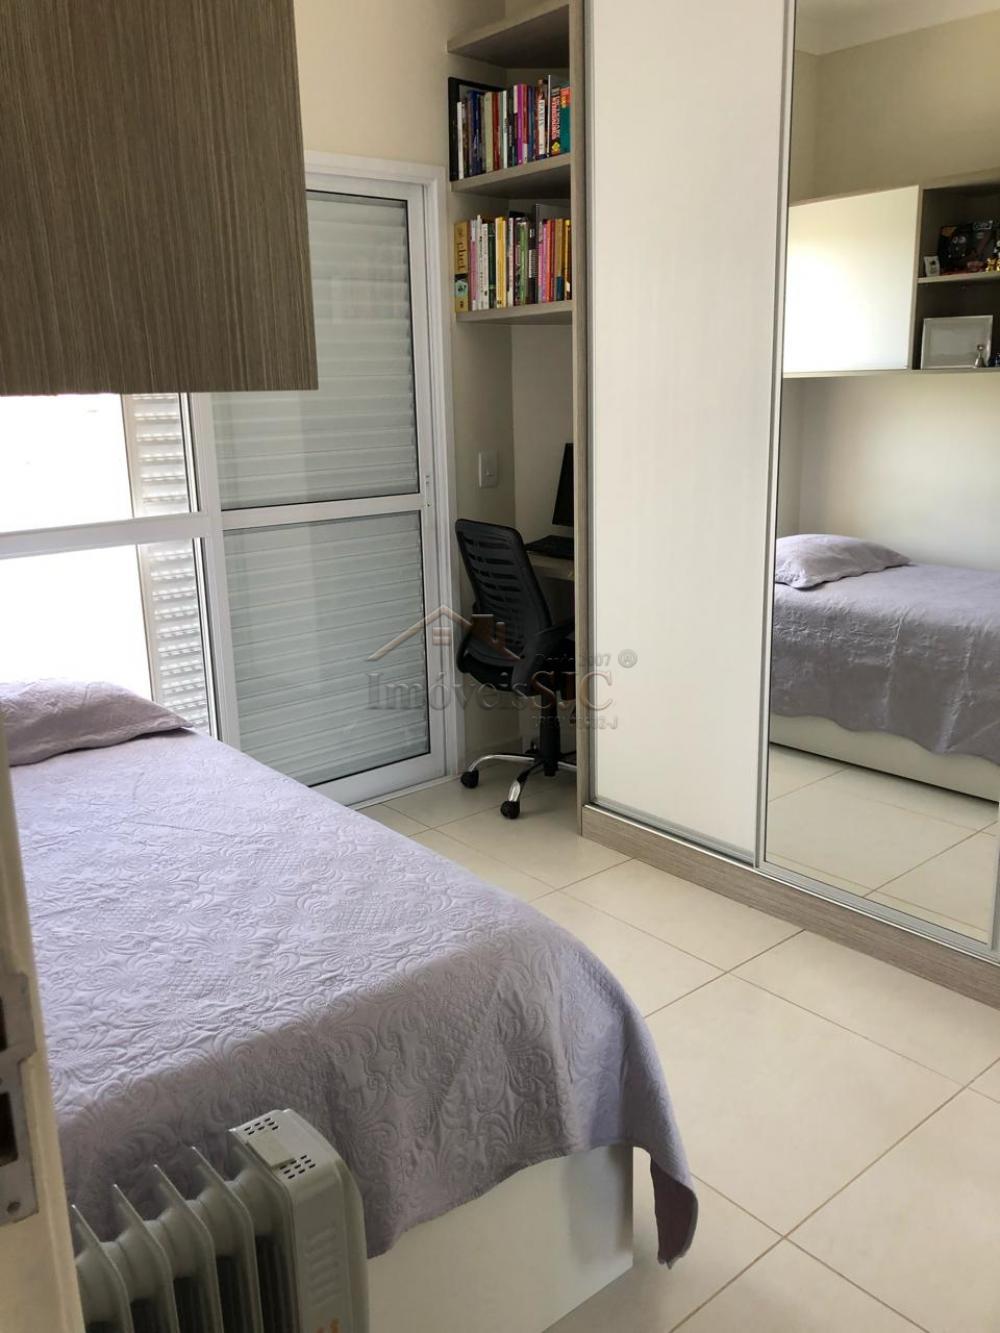 Comprar Casas / Condomínio em São José dos Campos apenas R$ 1.150.000,00 - Foto 7